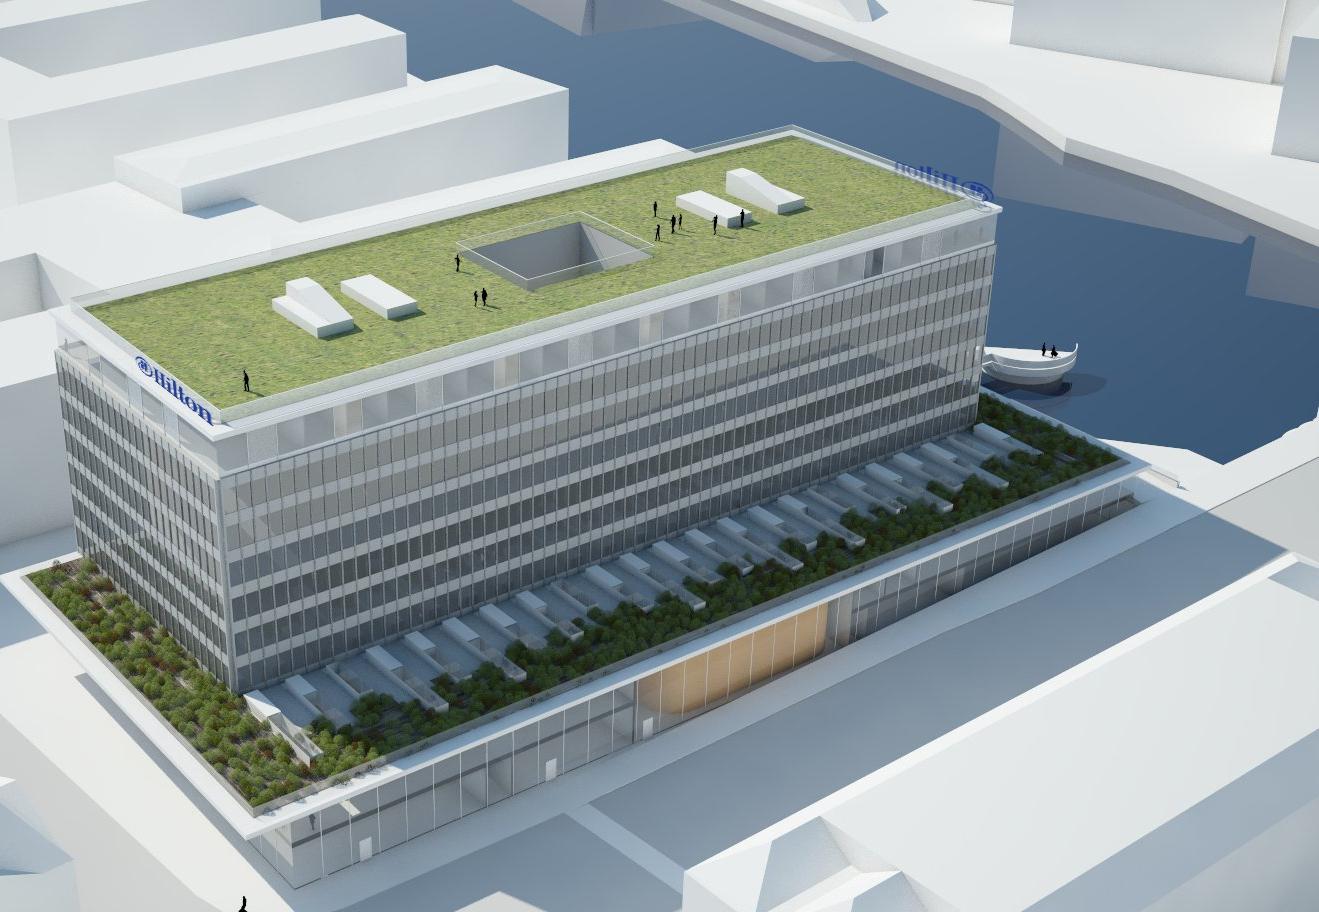 Der er mange nye hoteller på vej til København – med Hilton som nærmest eneste globale varemærke; i 2020 åbner Hilton Copenhagen City med 400 værelser ved Knippelsbro. Illustration: Hilton.